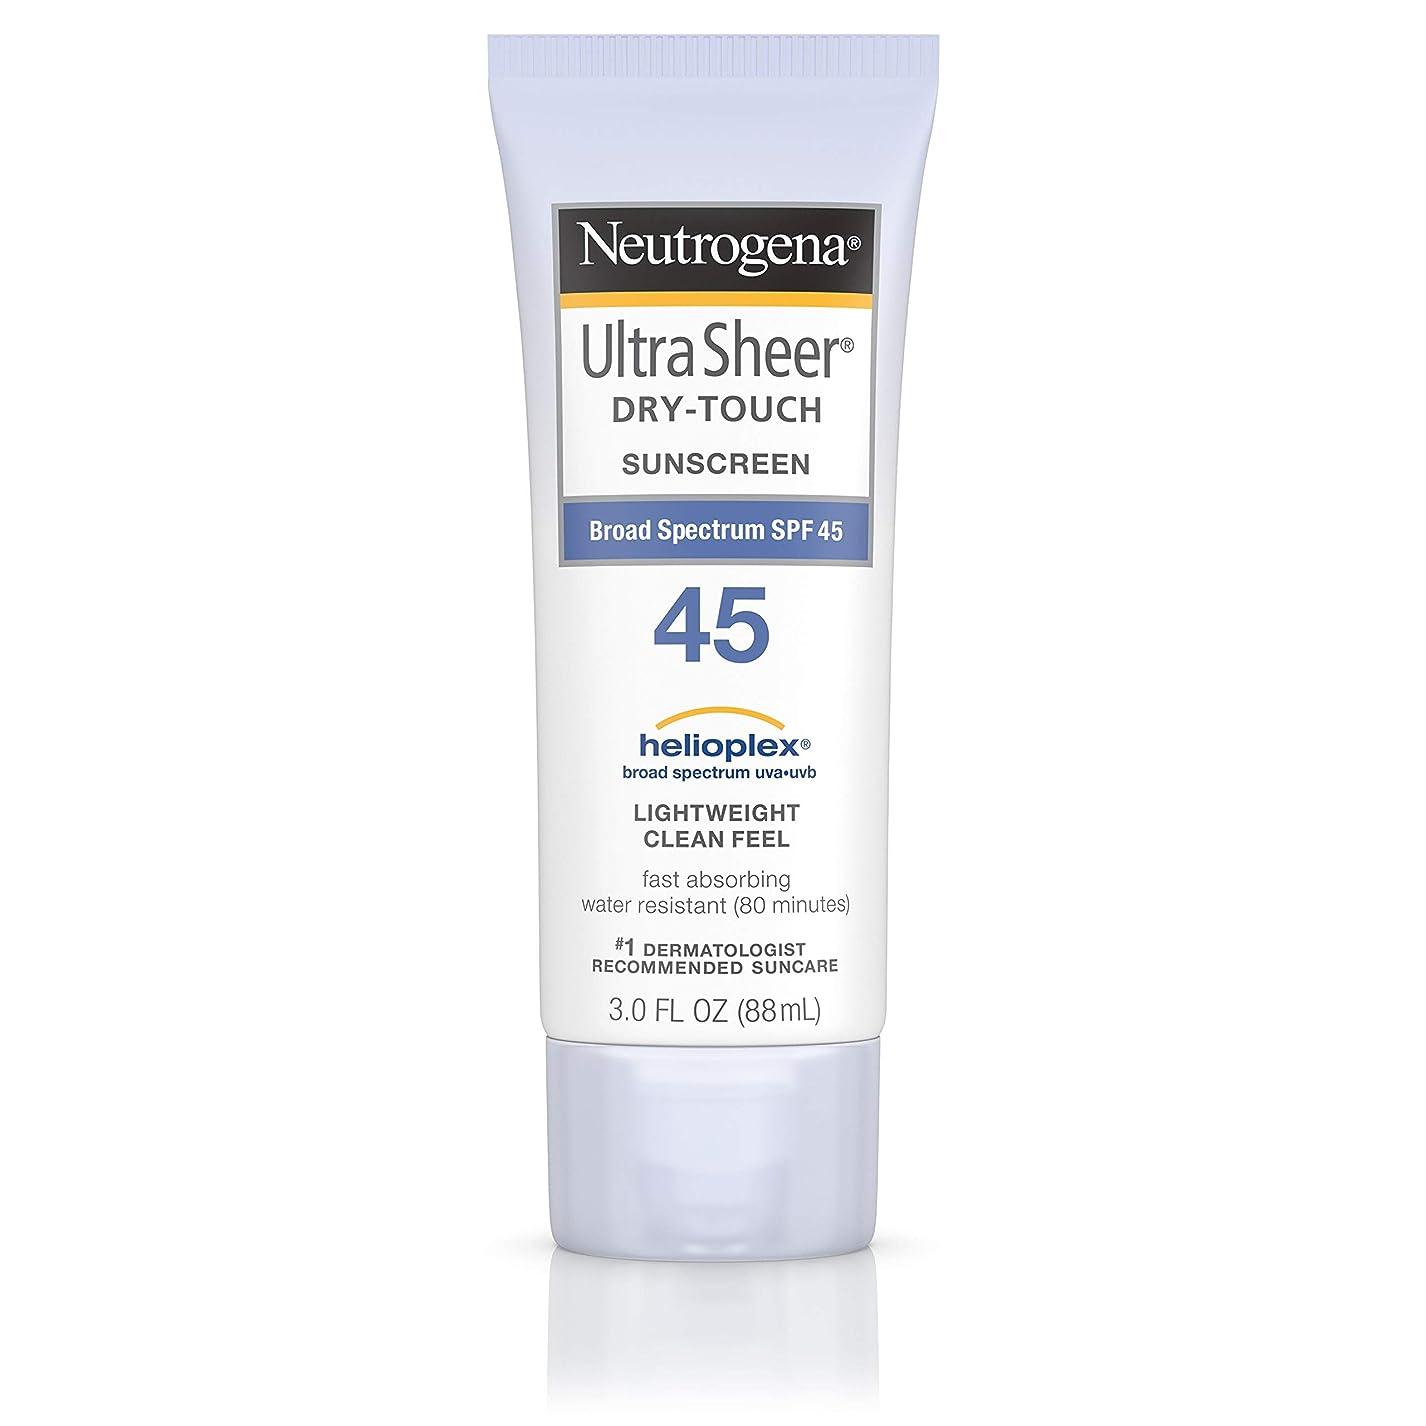 ミュートおびえた家事をする海外直送品 Neutrogena Neutrogena Ultra Sheer Dry-Touch Sunblock Spf 45【並行輸入品】